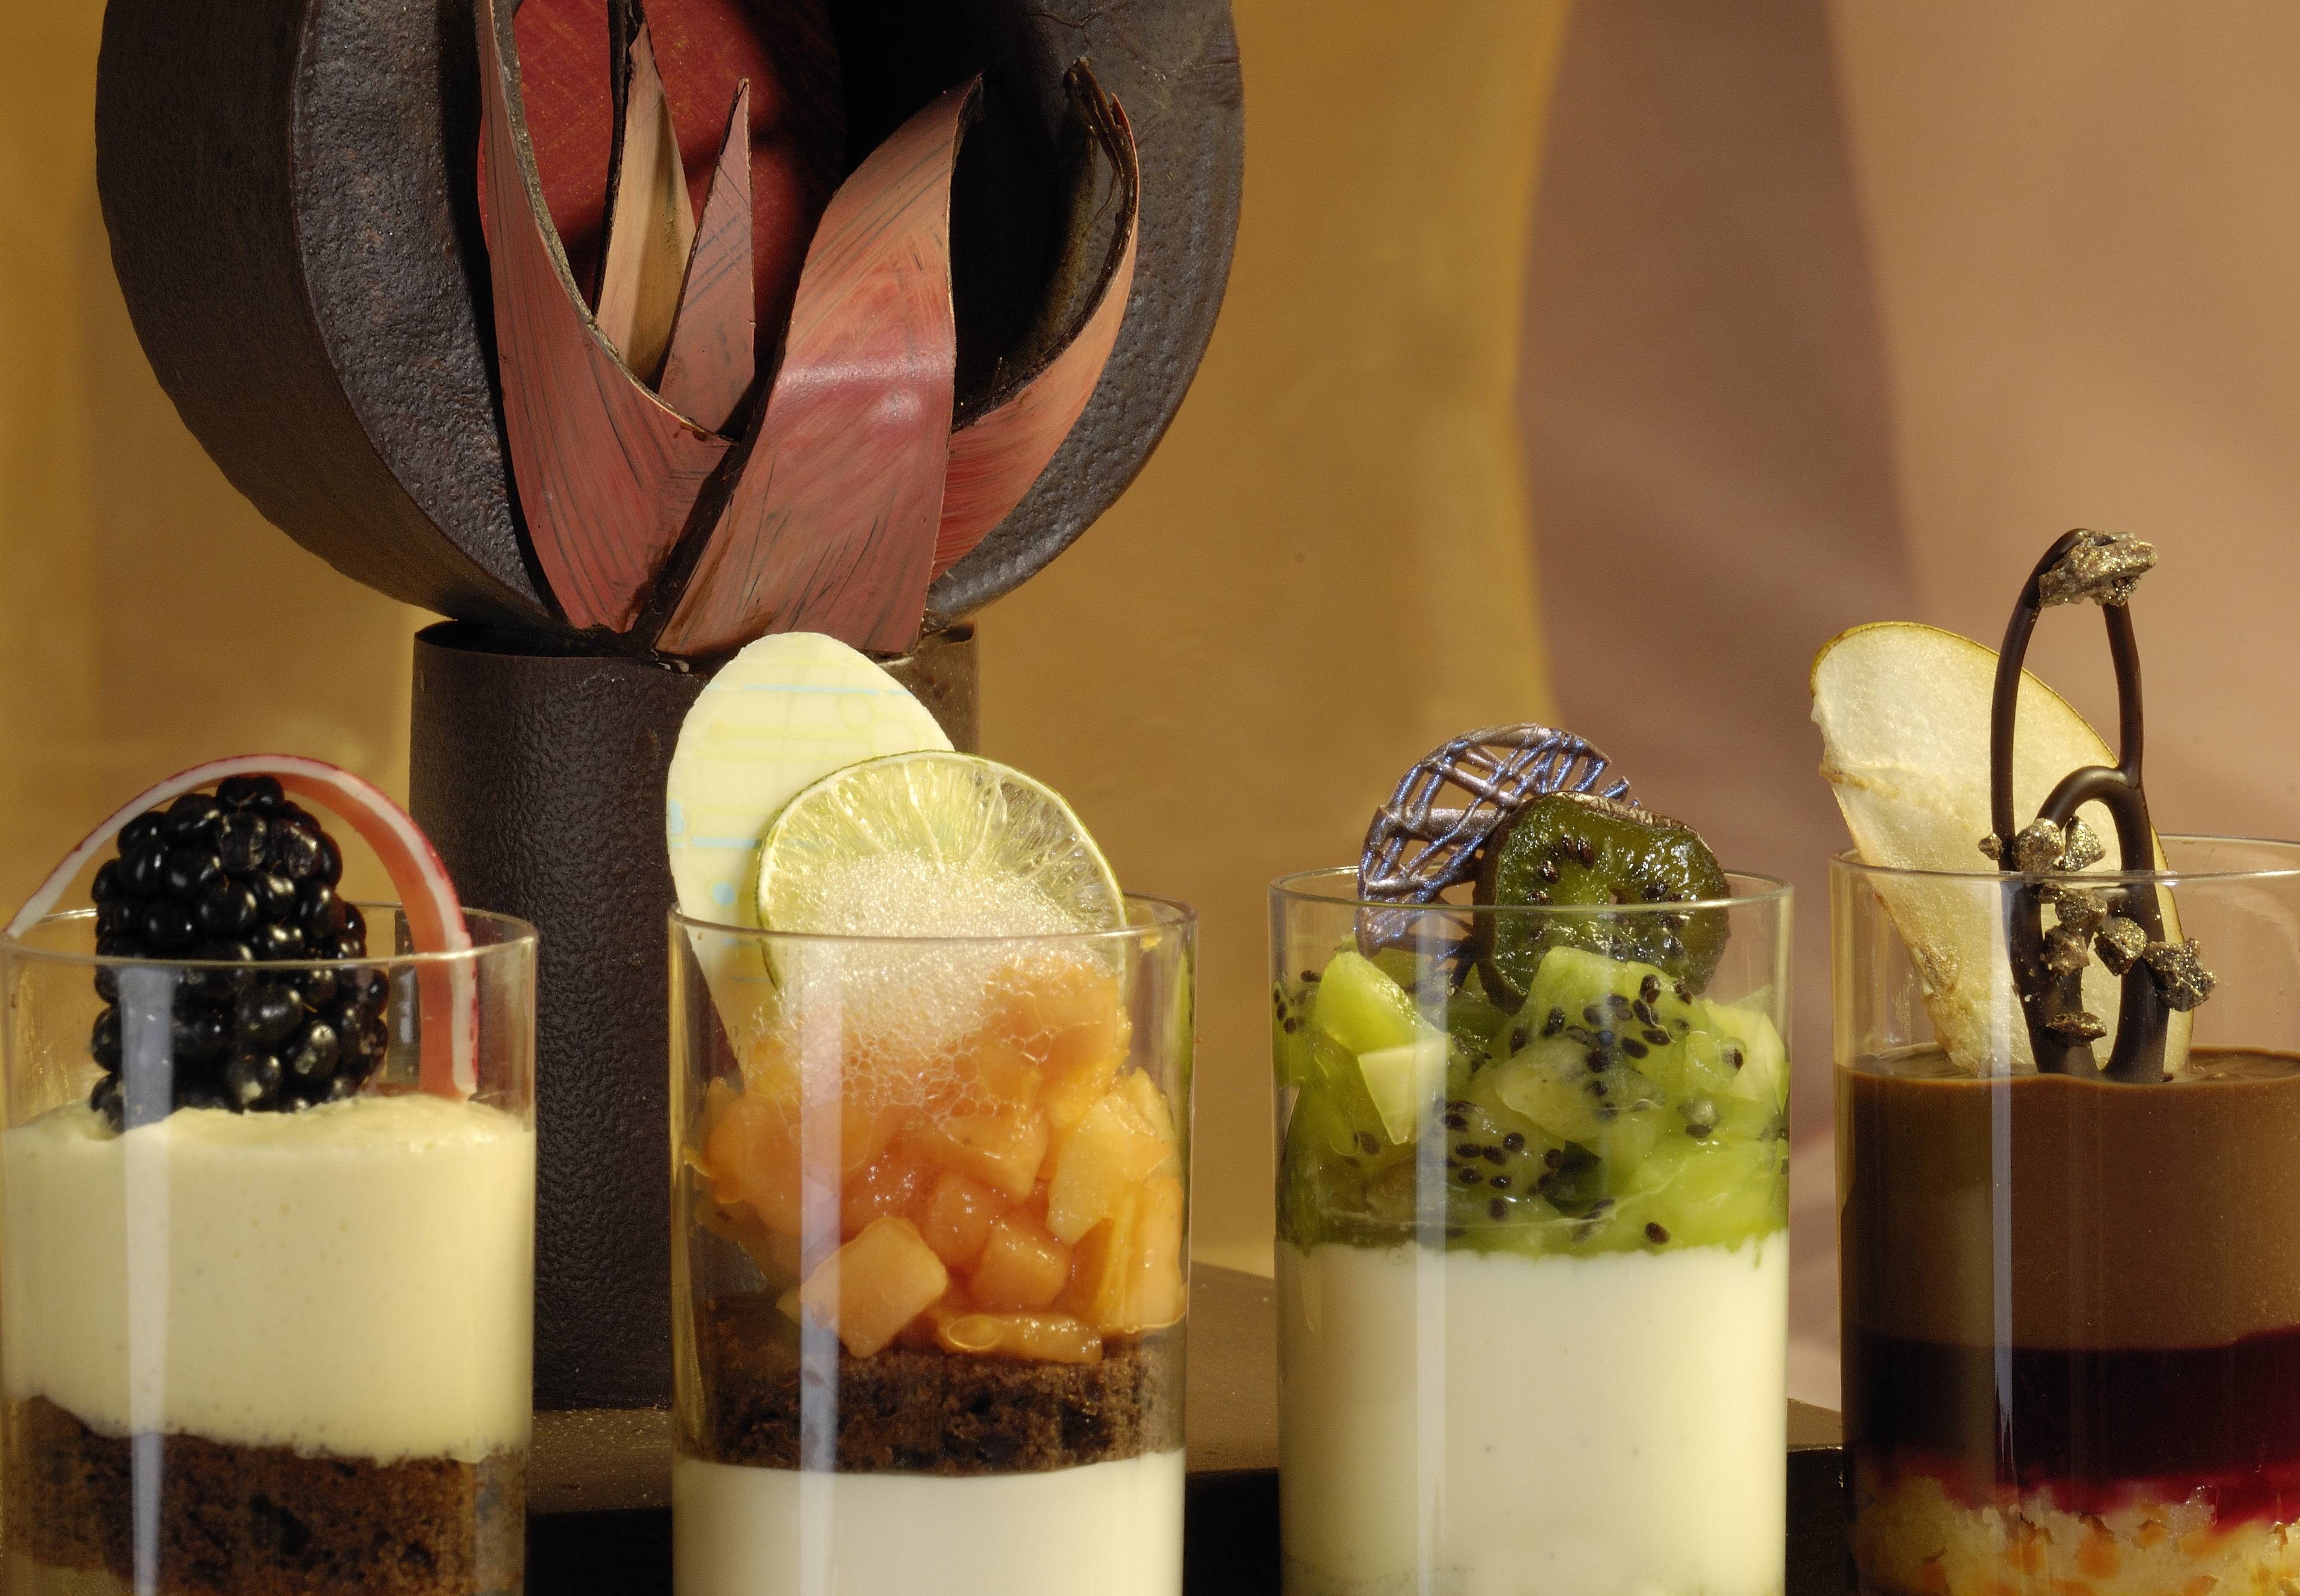 Pâtisserie französisch: Kleintorten, Tartes, Desserts